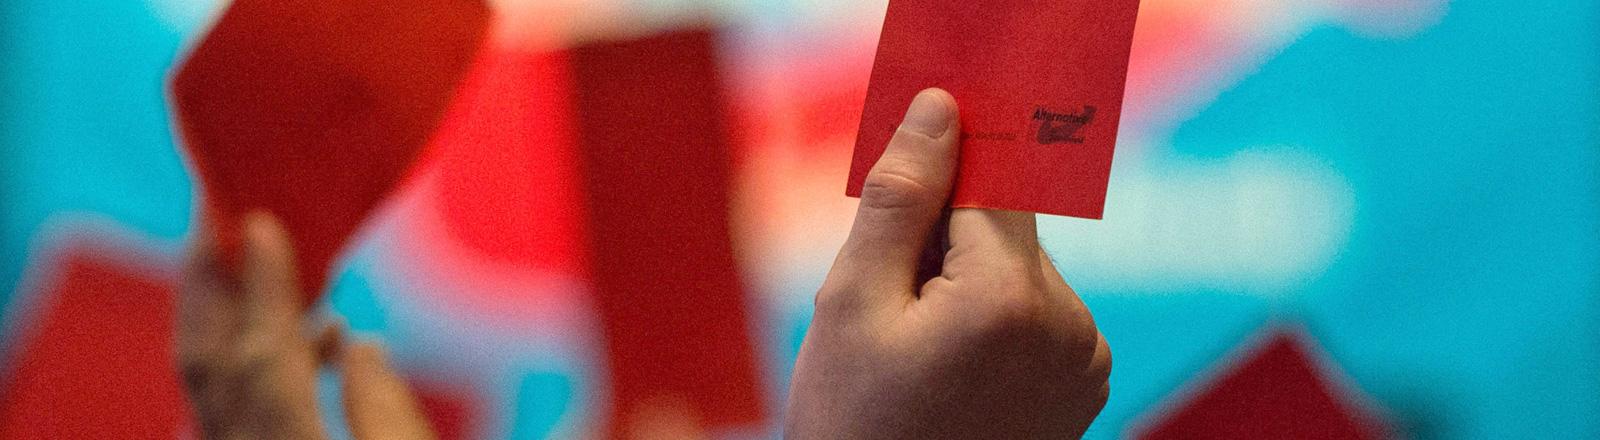 Beim Parteitag der AfD werden rote Stimmkarten in die Höhe gehalten (01.05.2016); Foto: dpa